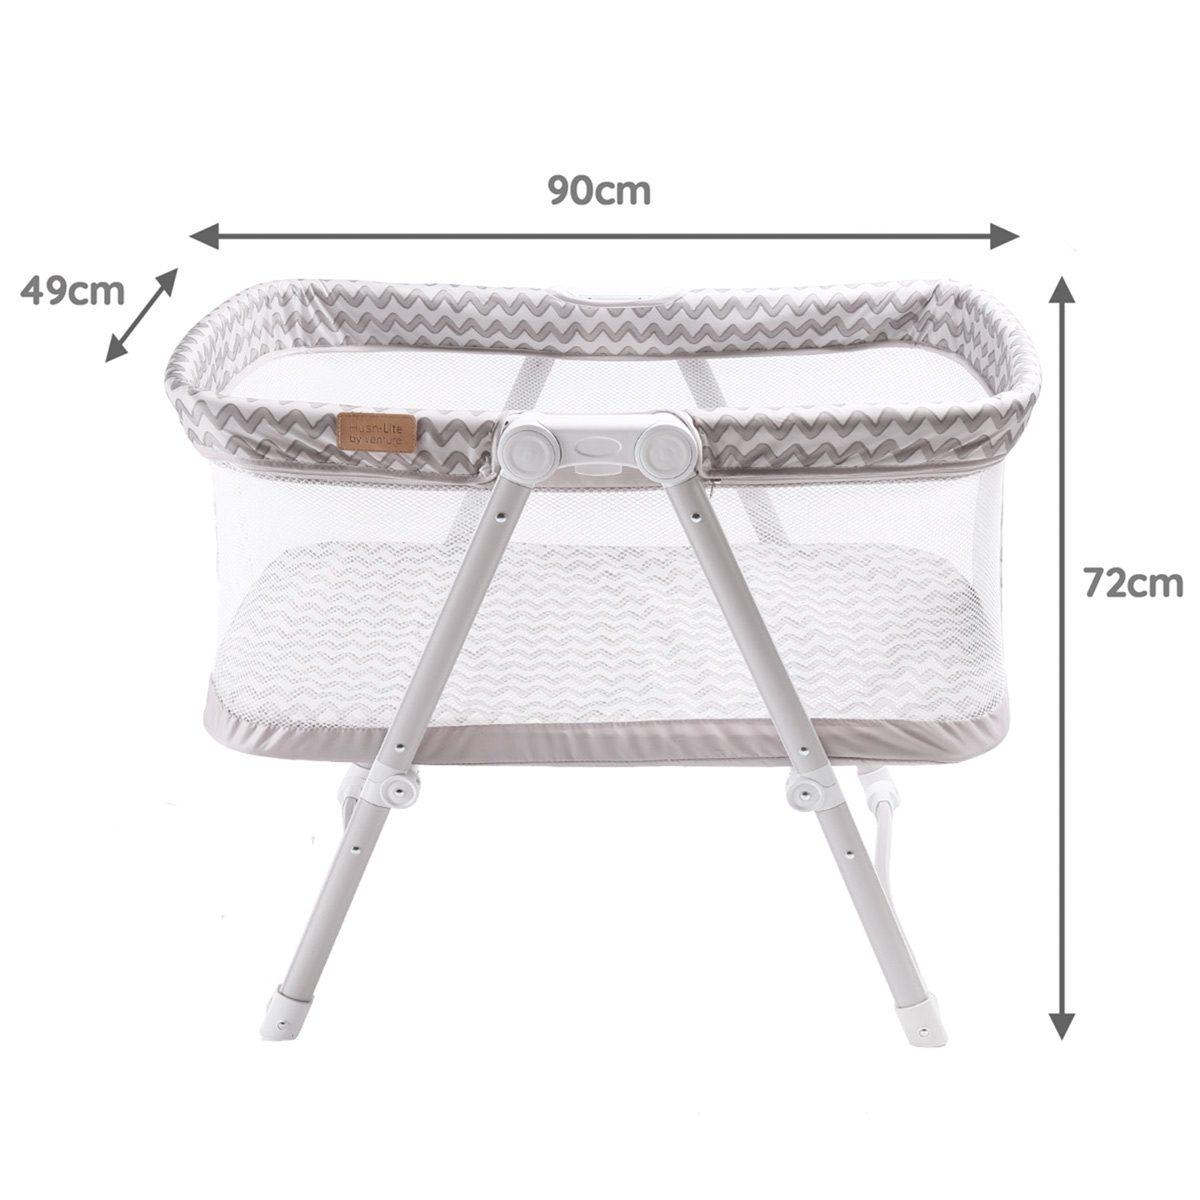 Grey Hush-Lite travel crib dimensions